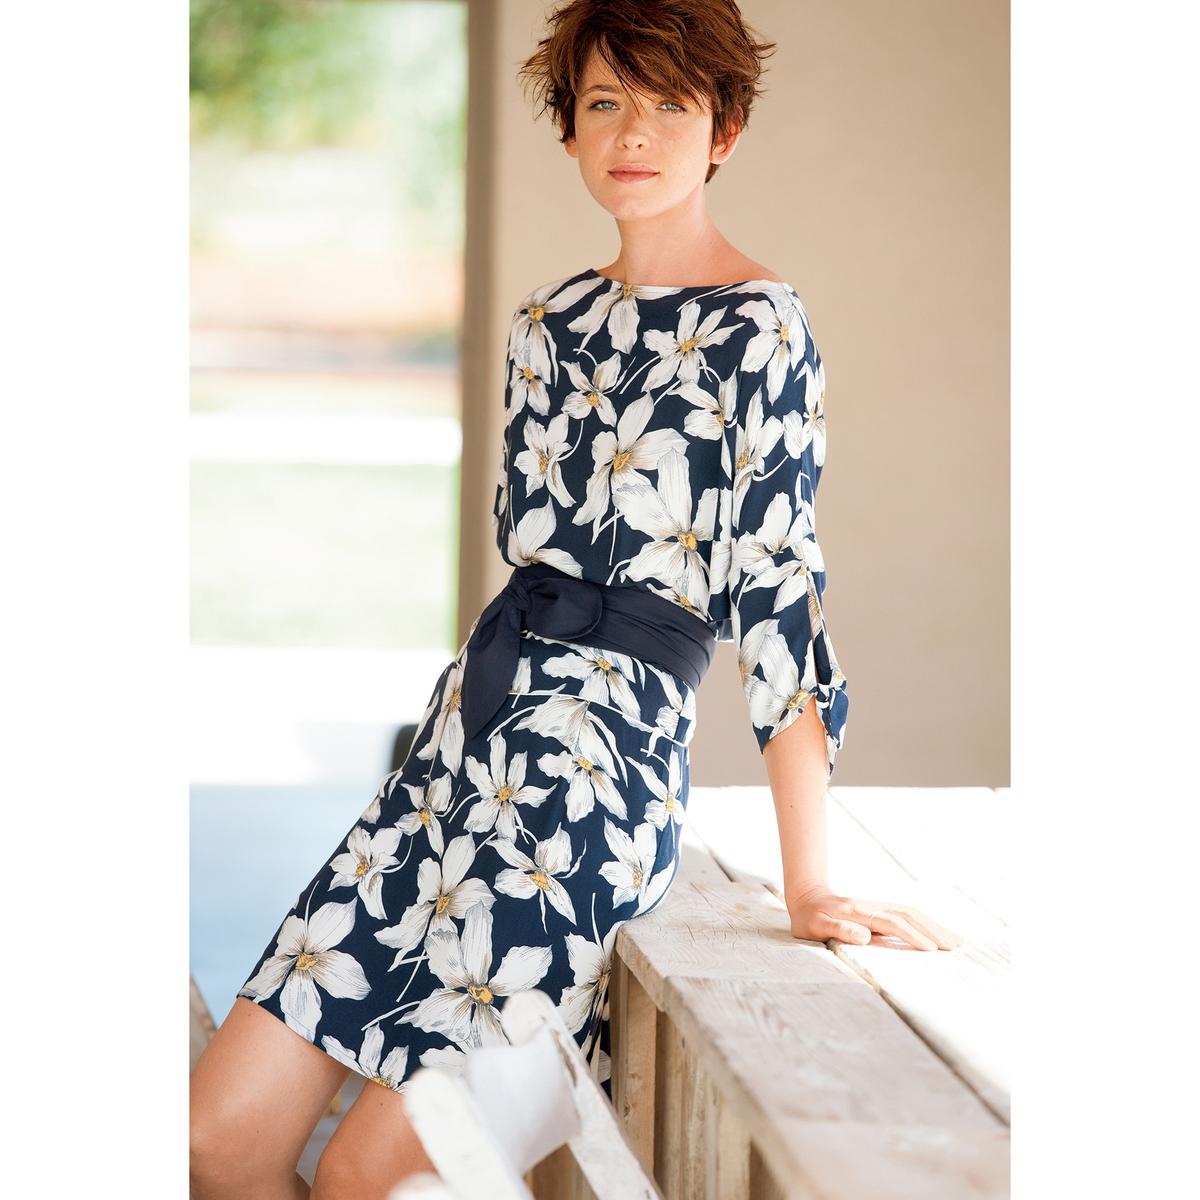 Платье с рукавами 3/4Платье из 100% вискозы. Отрезное по талии. Широкий вырез позволяет открыть плечо. Рукава 3/4 с кулиской. Пояс в комплекте. Длина 92 см.<br><br>Цвет: набивной рисунок<br>Размер: 42 (FR) - 48 (RUS).46 (FR) - 52 (RUS)